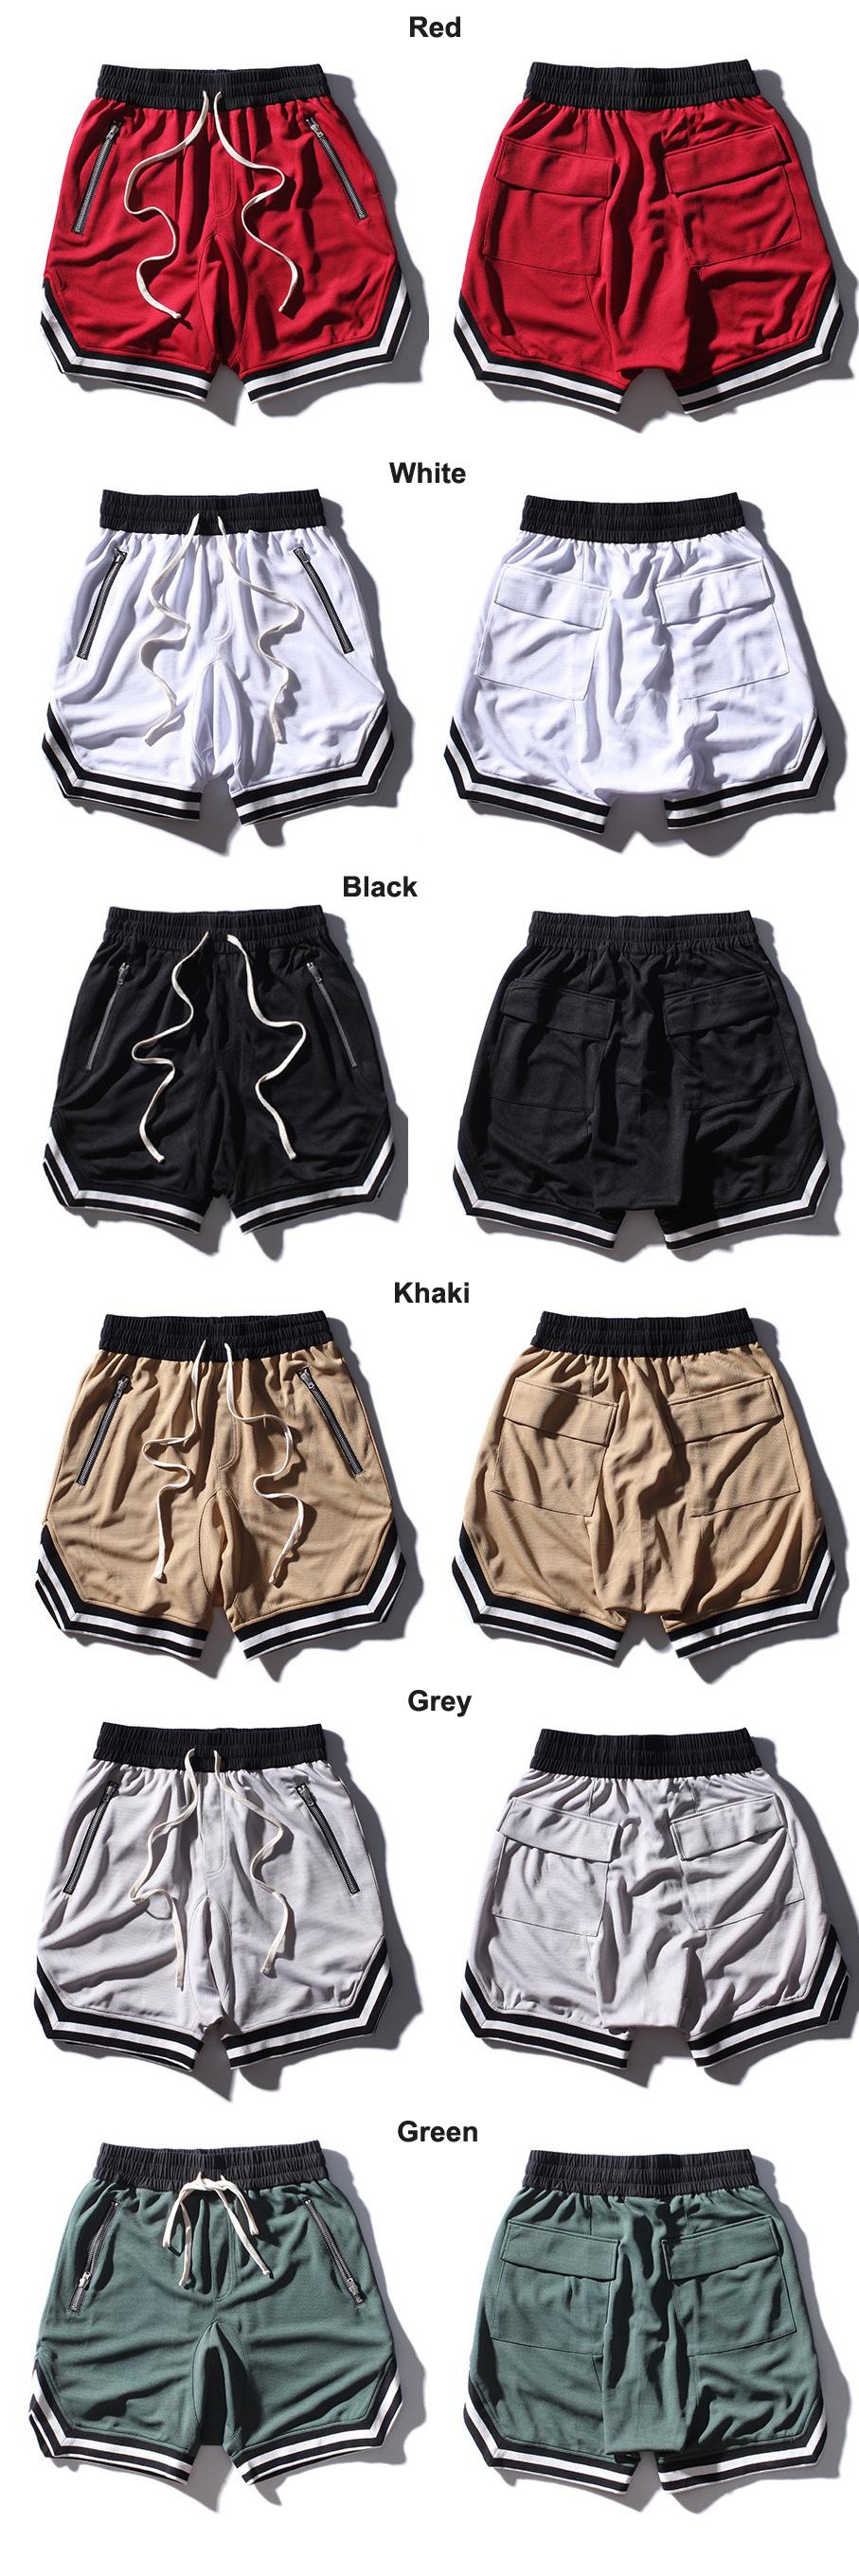 ฤดูร้อน street กางเกงขาสั้นสไตล์คุณภาพสูงลายชายฤดูร้อนสบายๆกางเกงขาสั้น